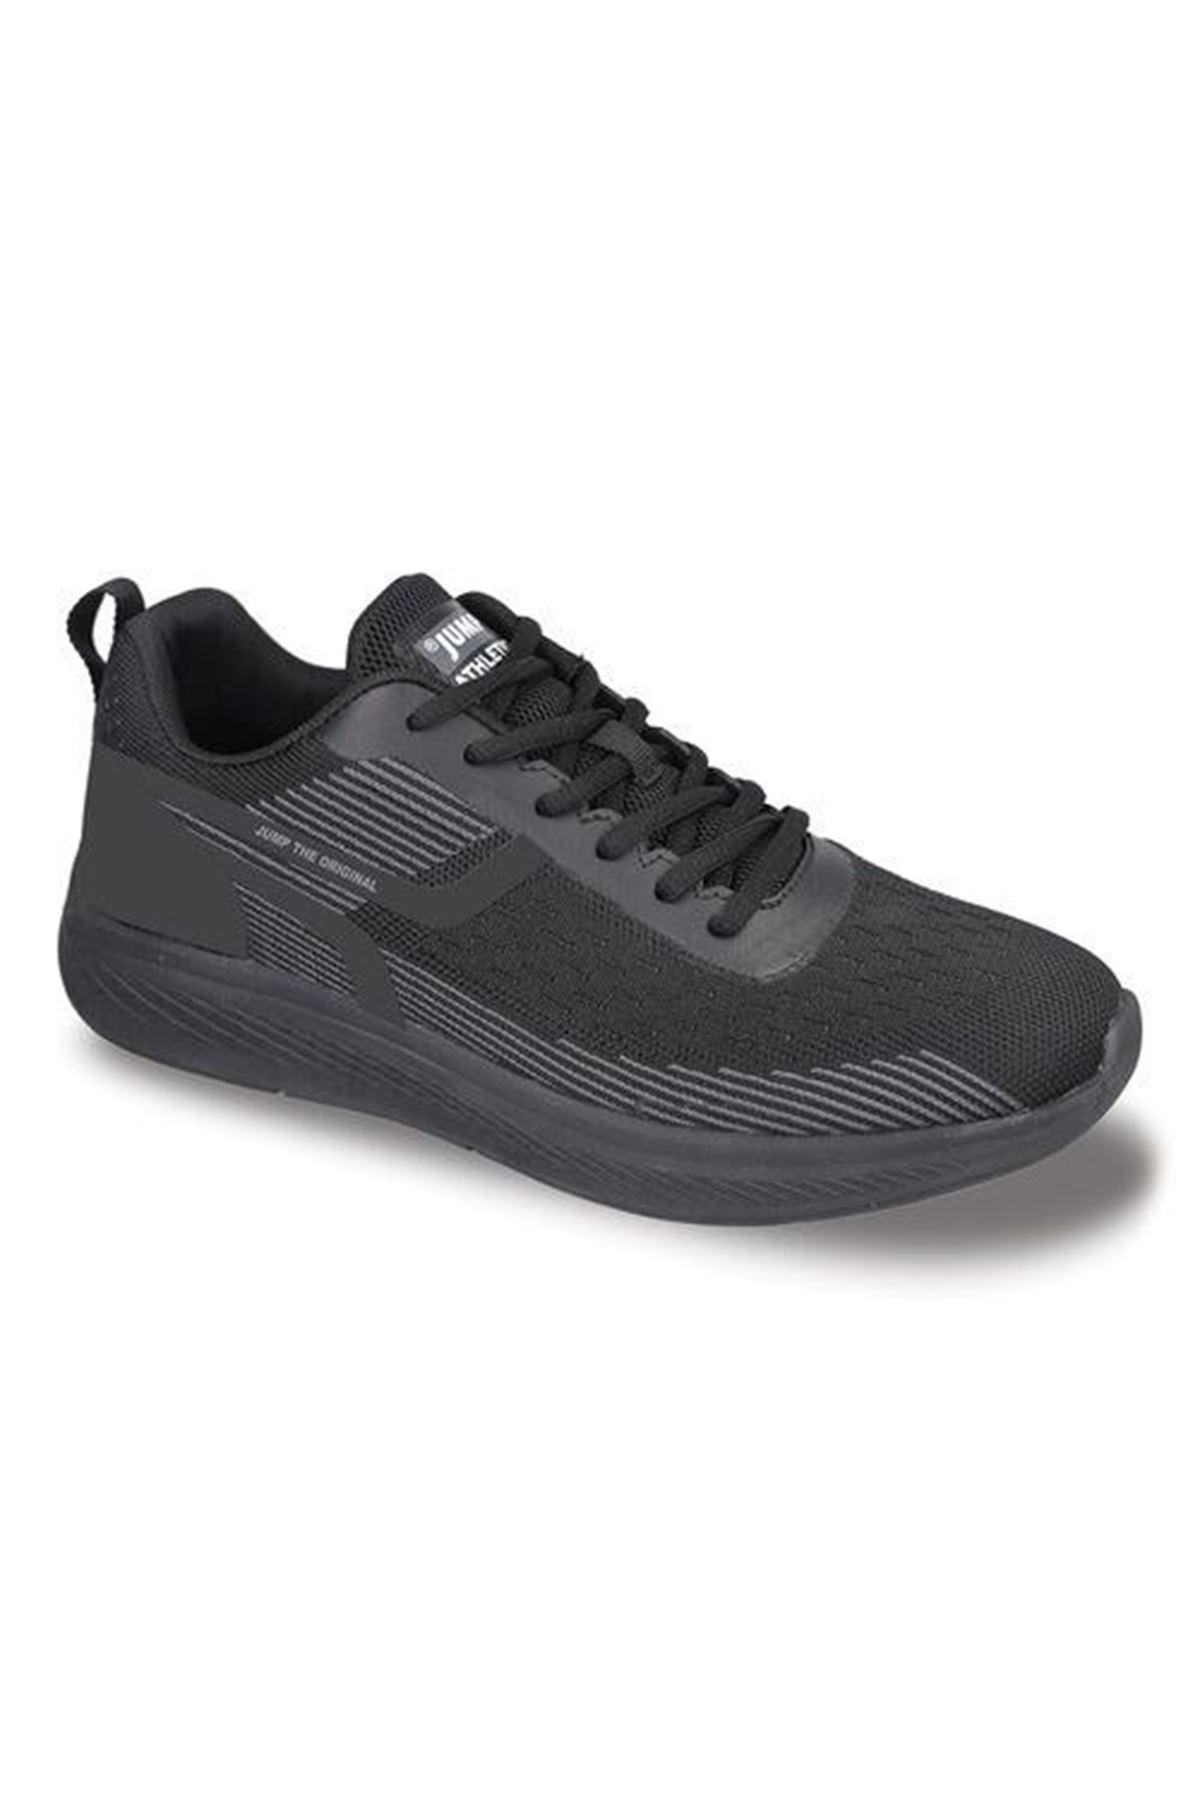 Siyah Fileli Rahat Erkek Spor Ayakkabı 26516